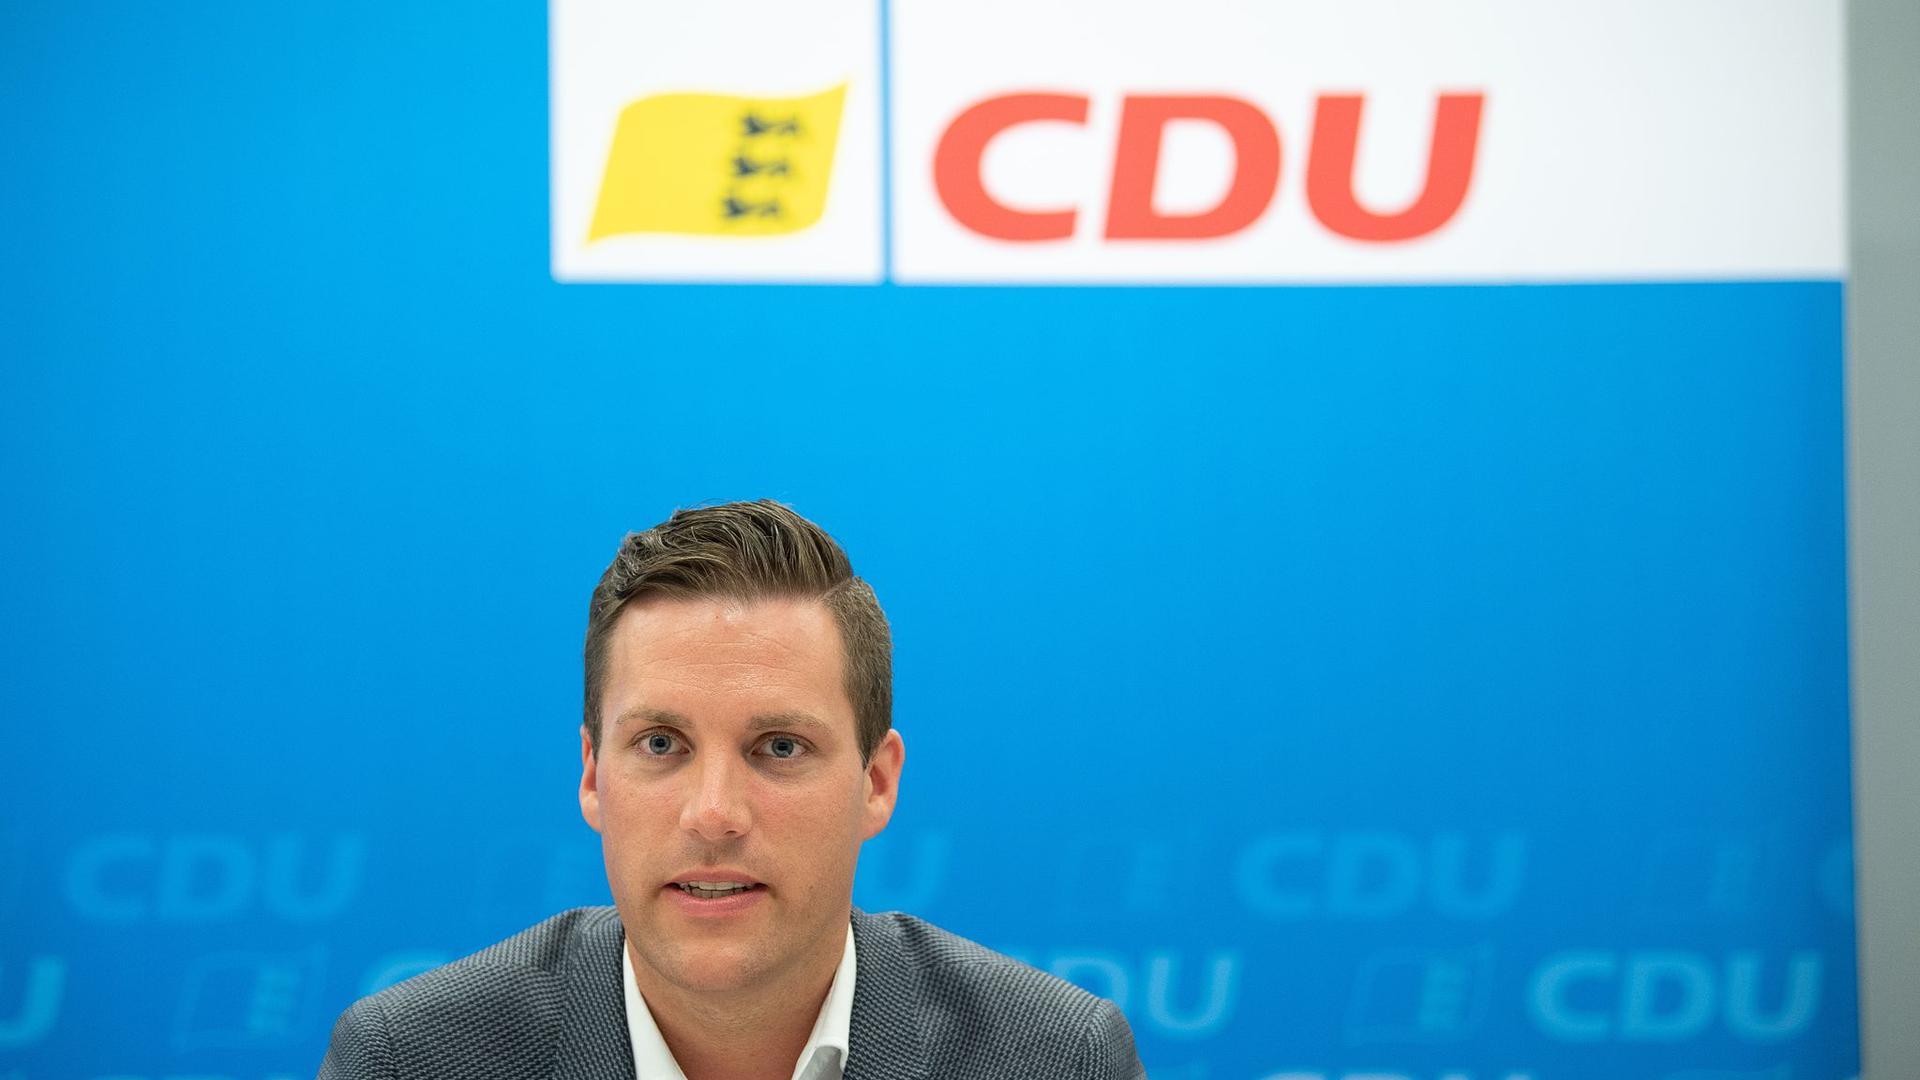 Der baden-württembergische CDU-Generalsekretär Manuel Hagel spricht bei einer Pressekonferenz.